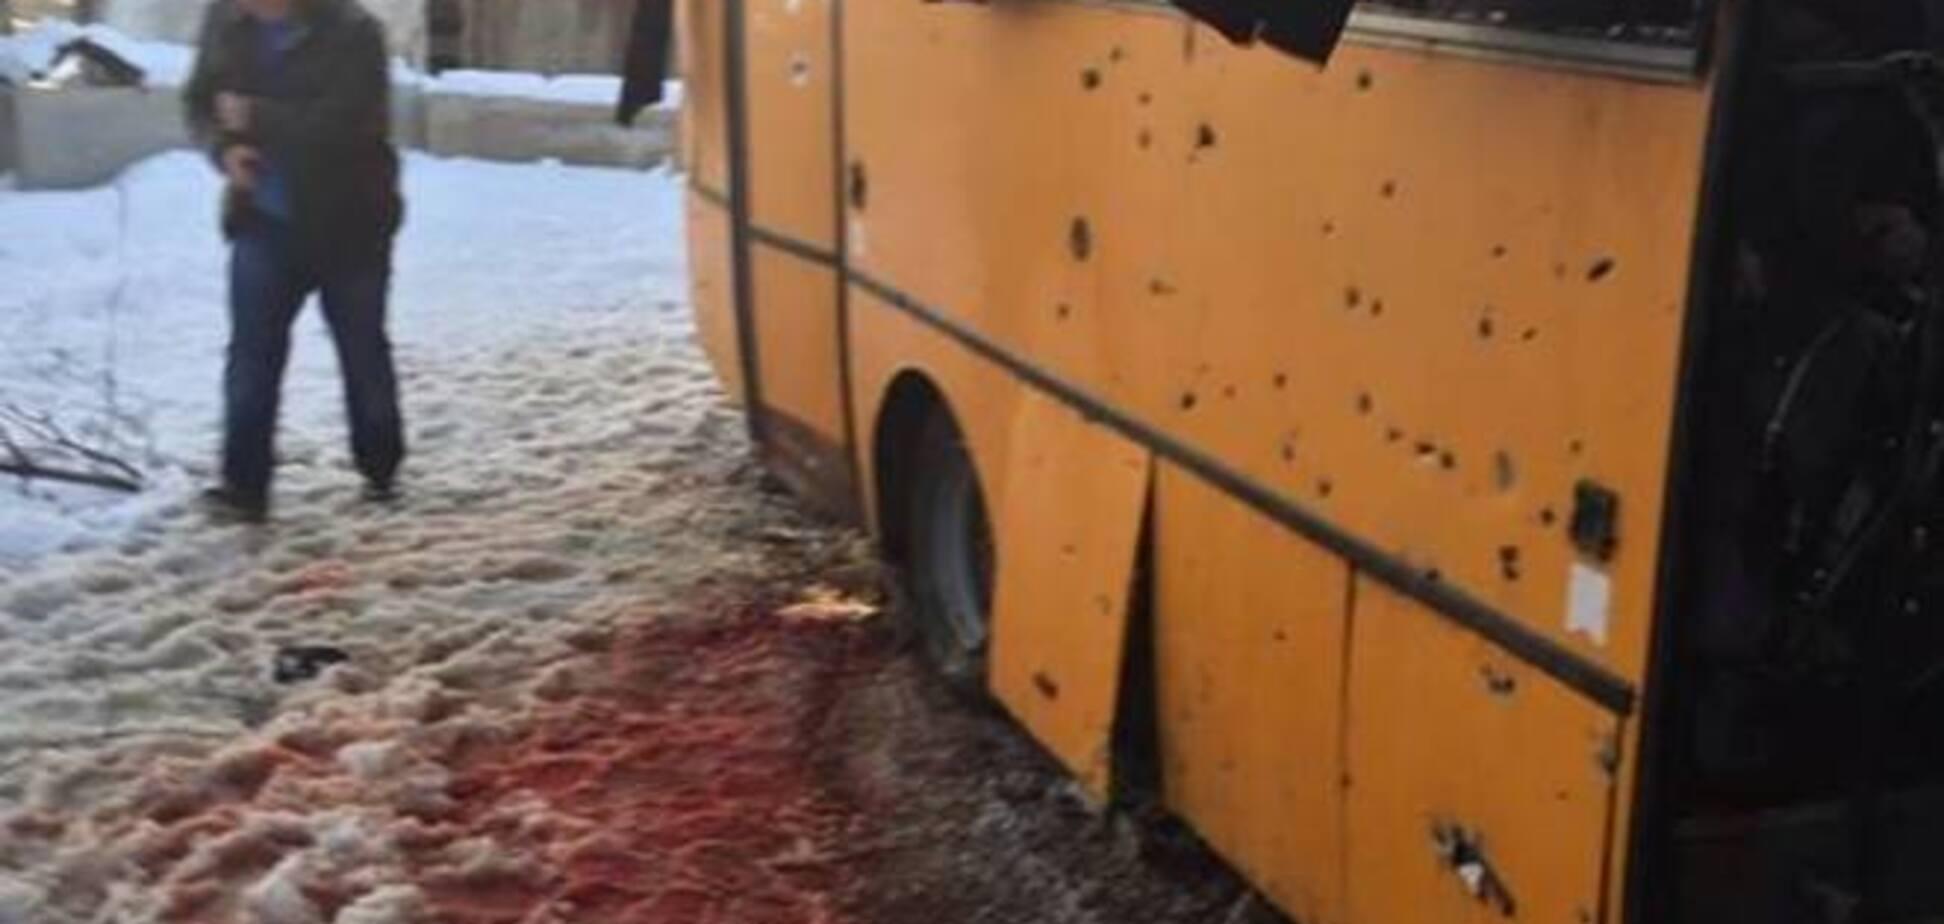 В районе теракта с автобусом в Волновахе мгновенно появились российские СМИ - генерал